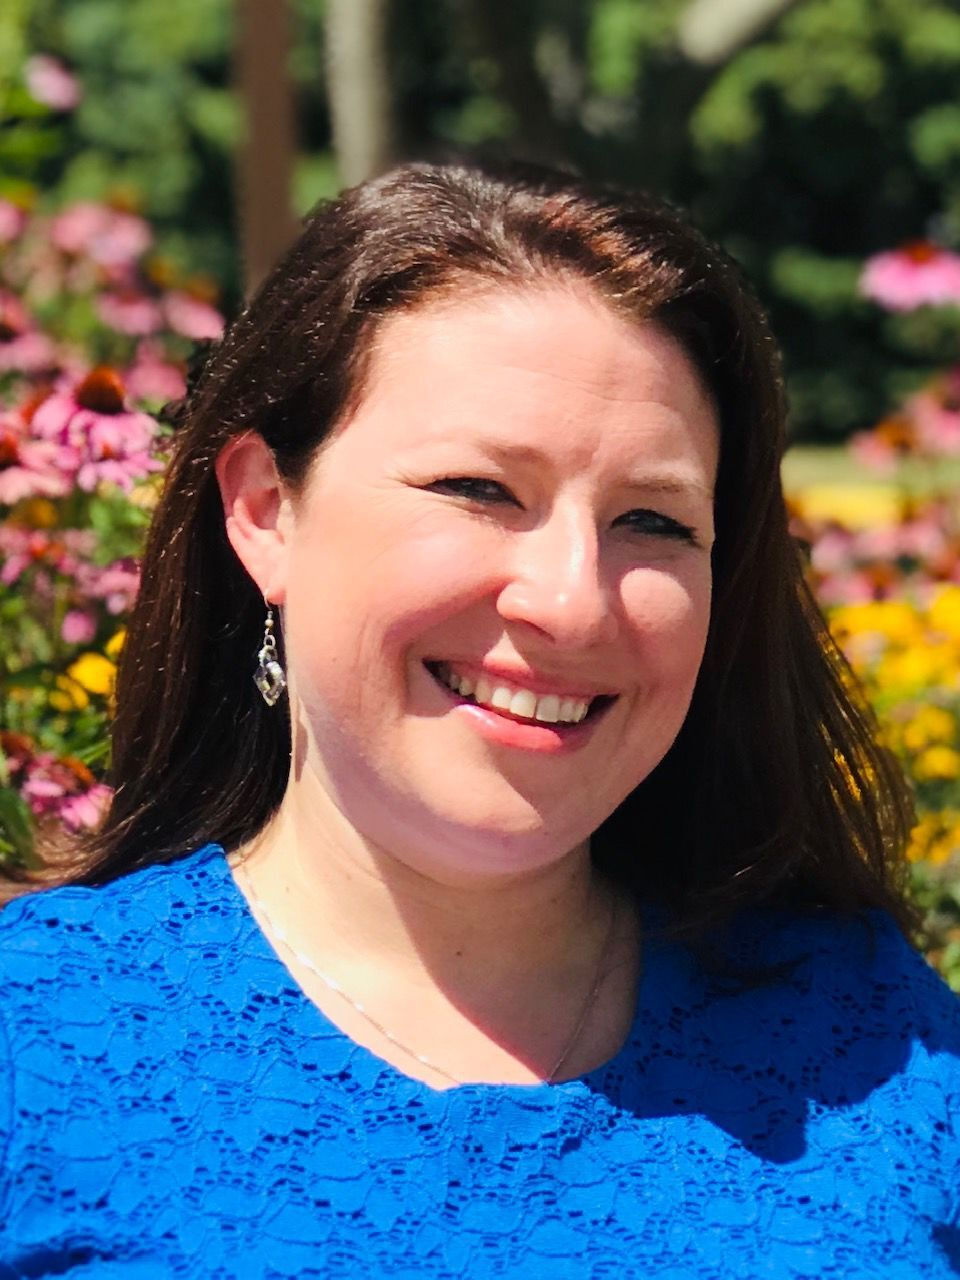 Haley Schubert